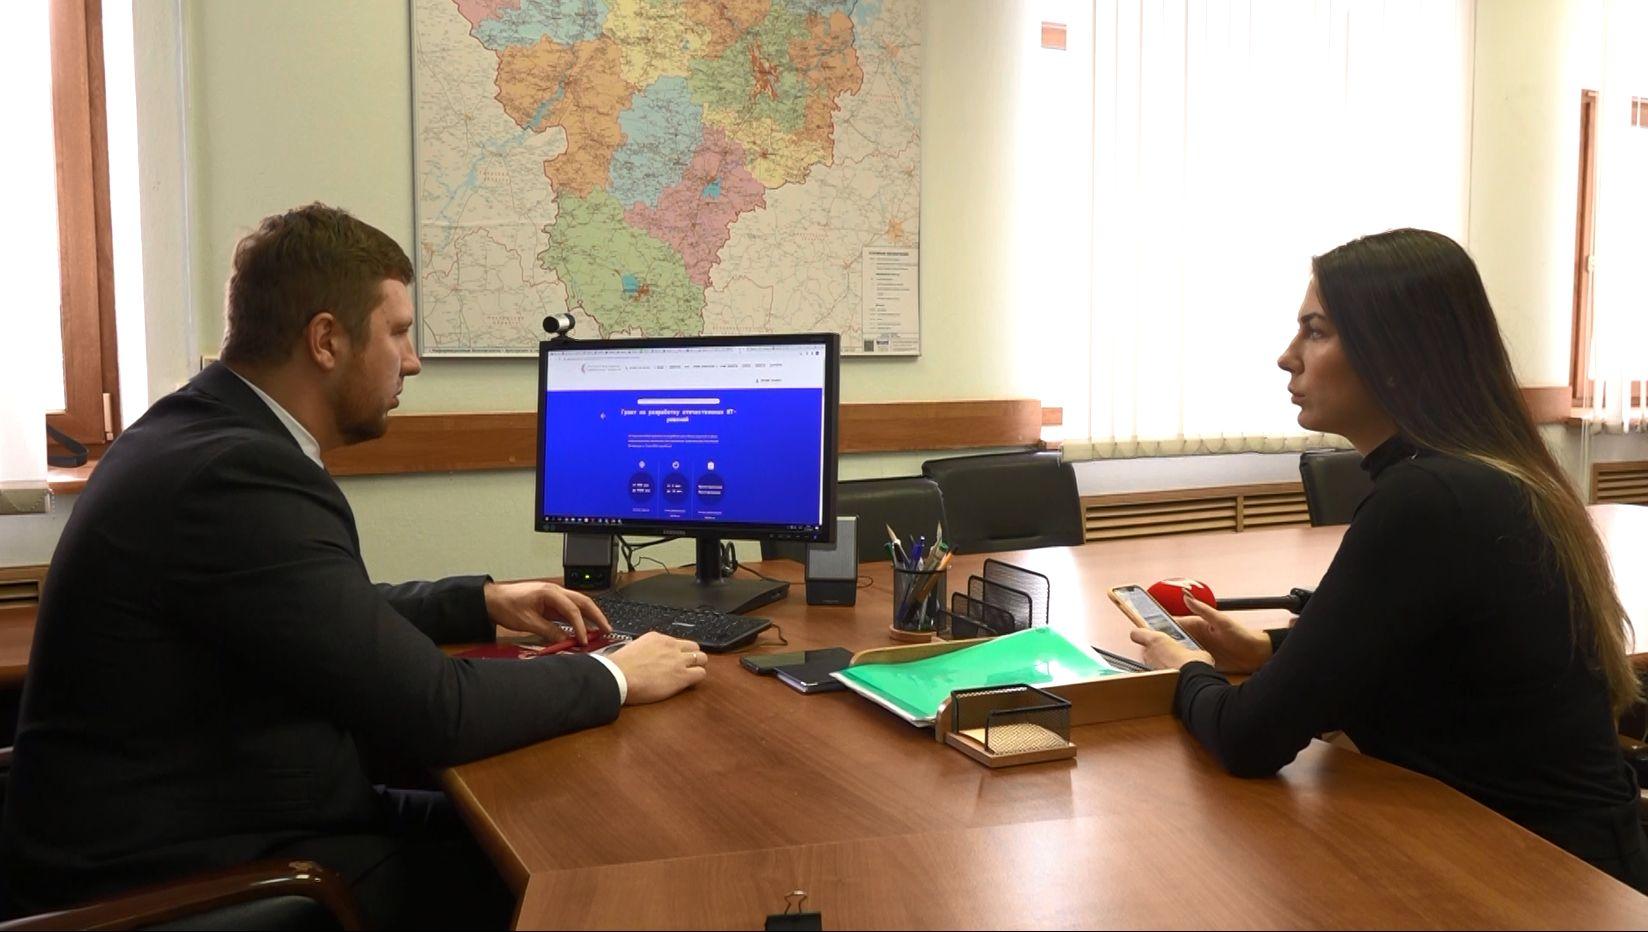 В Ярославской области продолжается конкурсный отбор в рамках федерального проекта «Цифровые технологии»